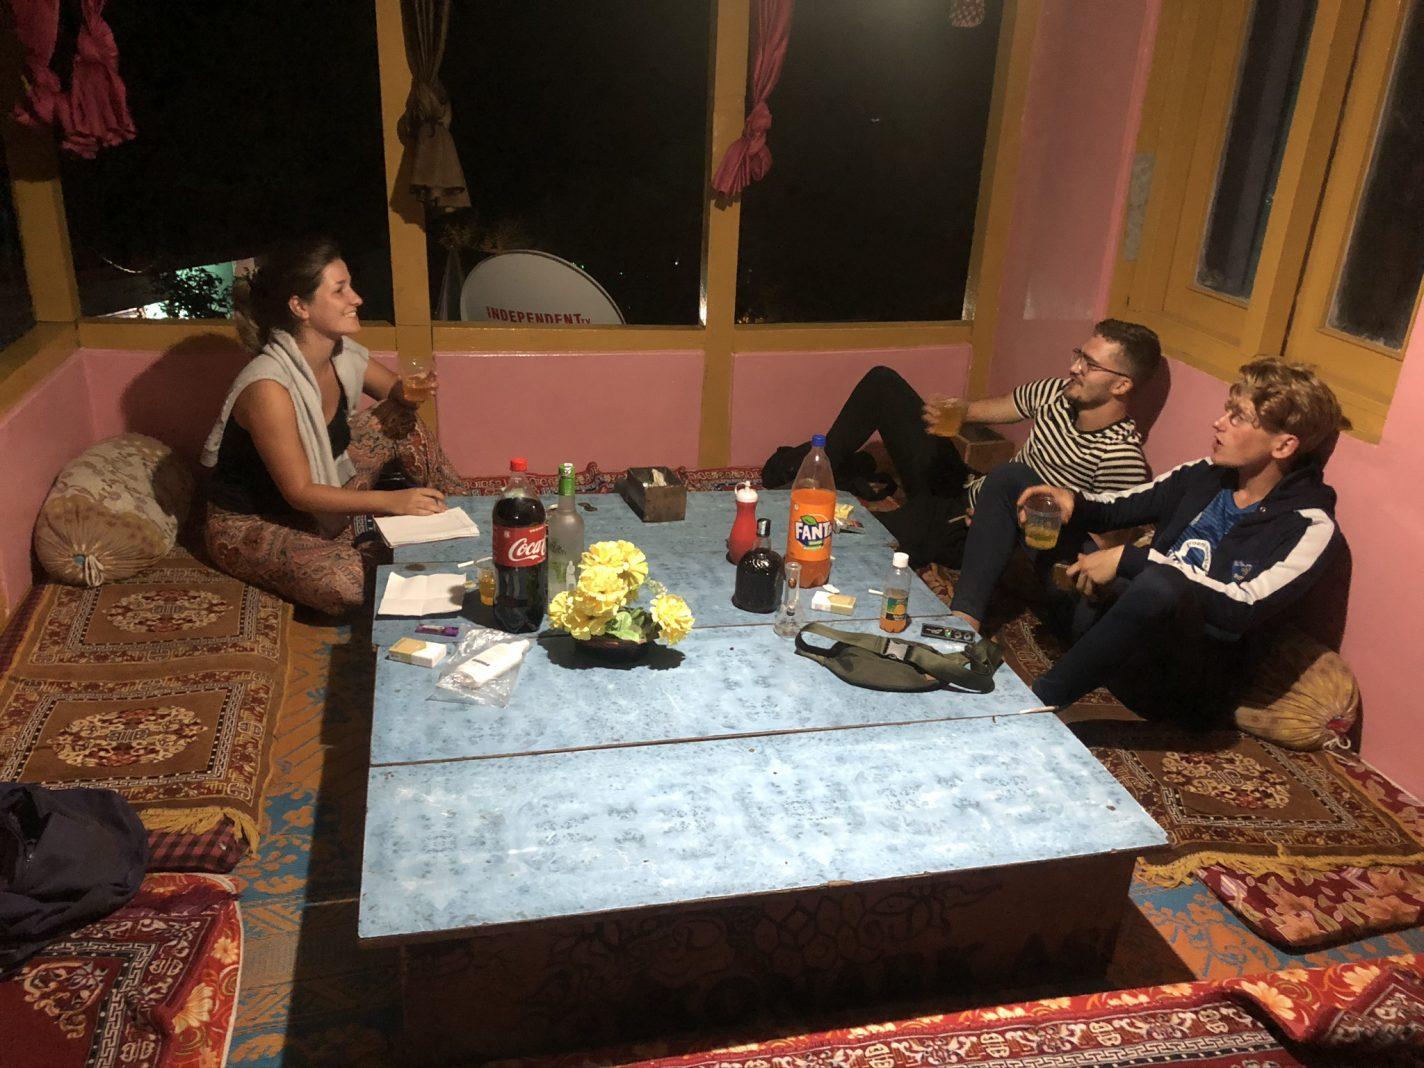 Lekker chillen tijdens een typisch Indisch avondje - Himachal Pradesh